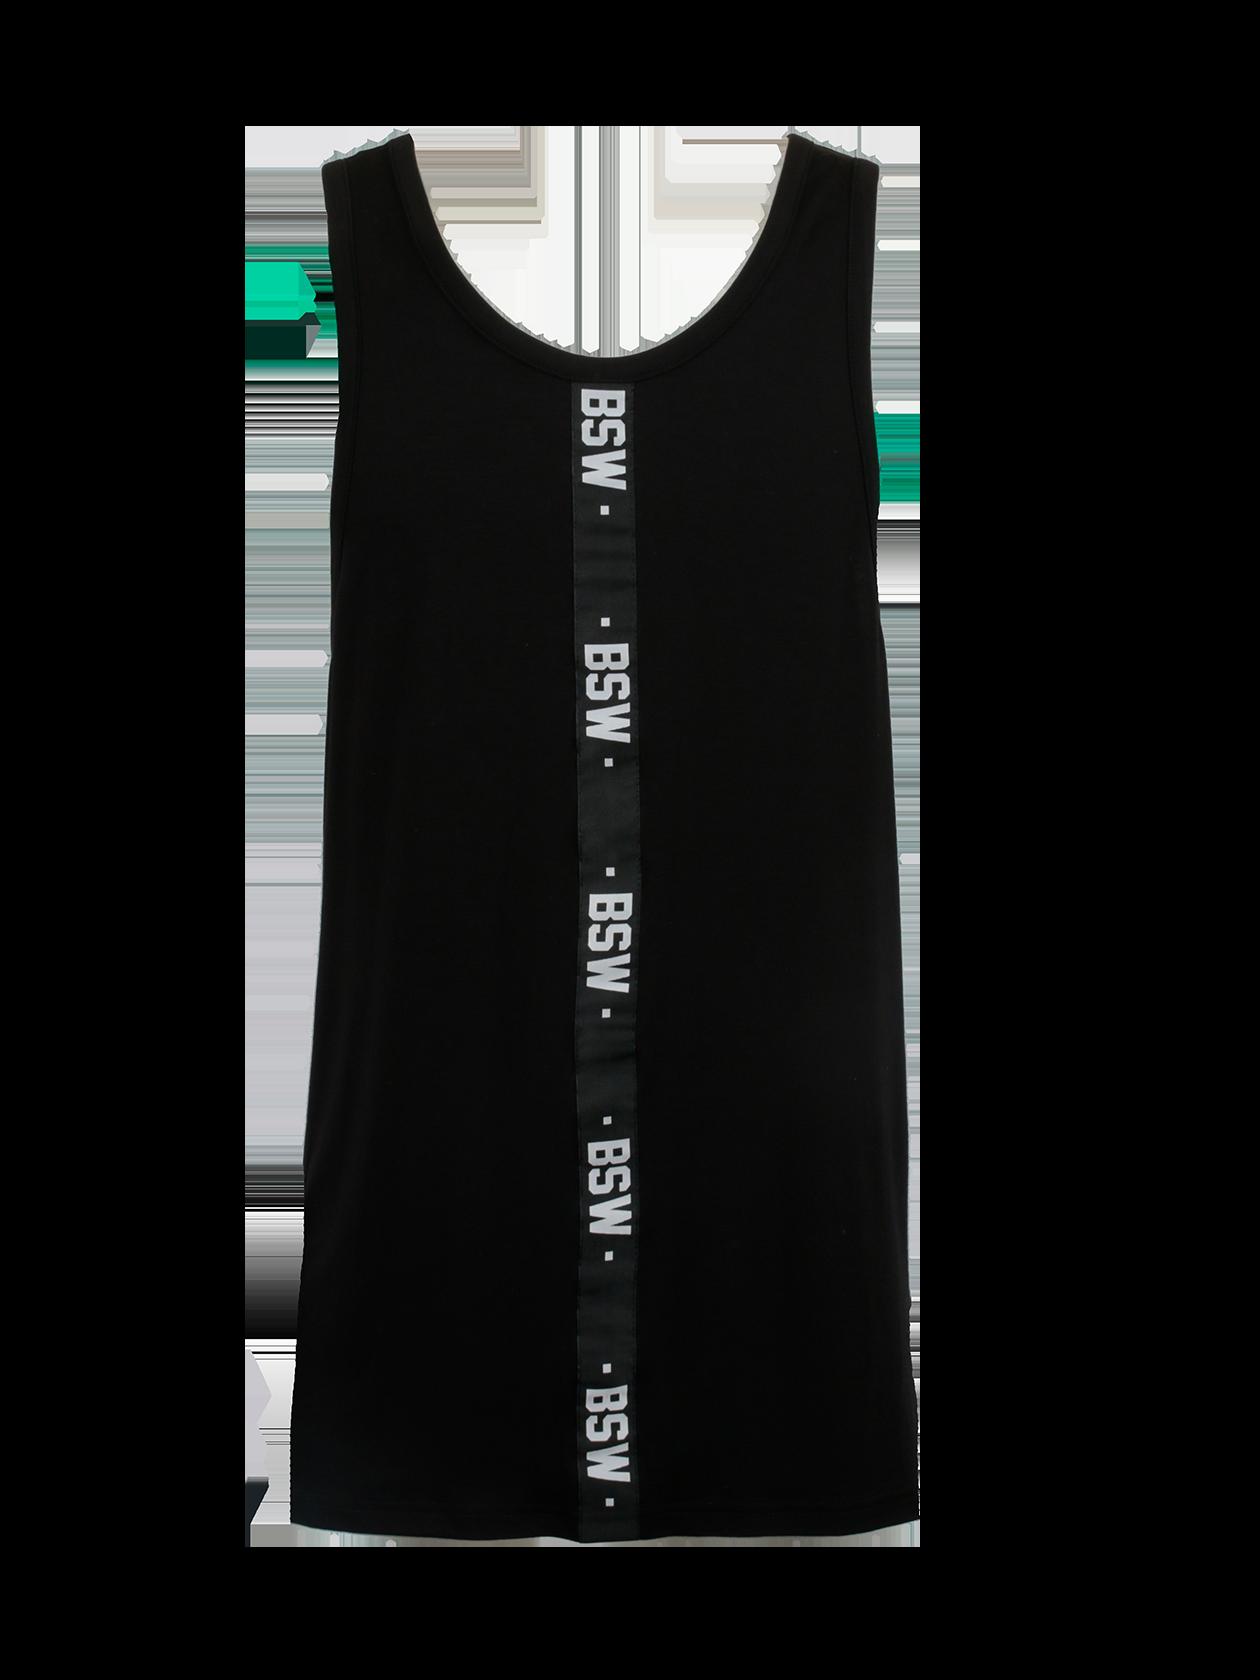 Майка мужская HARAJUKU 2.0Стильная мужская майка Harajuku 2.0 поможет разнообразить повседневный лук. Модель спортивного типа обладает прямым свободным кроем, удлиненным силуэтом. Изделие представлено в базовых белой и черной расцветках, отлично сочетающихся с всевозможной одеждой и обувью. Дизайн дополнен черными вертикальными вставками с надписями BSW, оформленными по центру фронтальной и тыльной стороны. Майка сшита из натурального хлопка премиального качества, идеально подходит для спорта и отдыха.<br><br>Размер: M<br>Цвет: Черный<br>Пол: Мужской